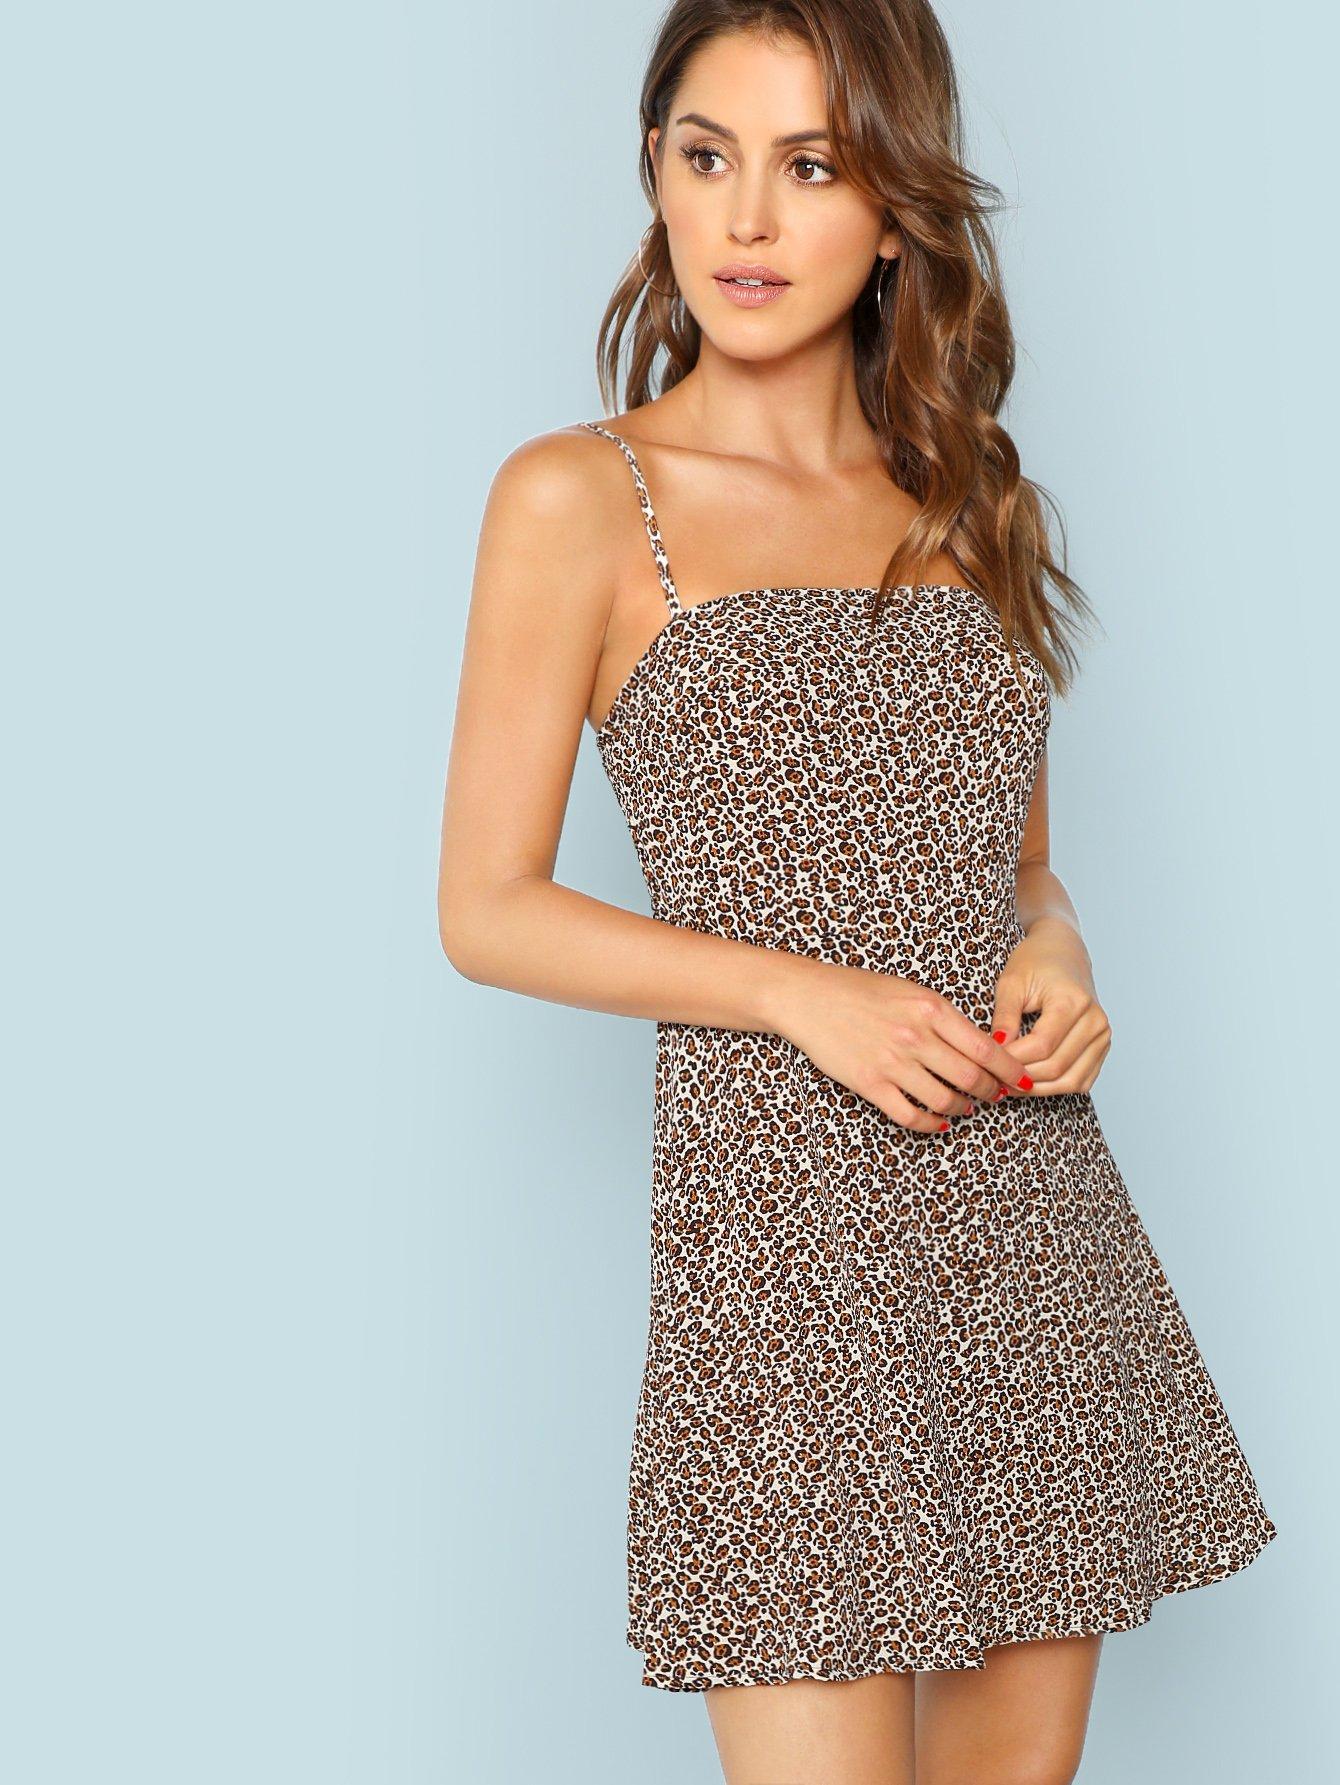 Купить Самоустанавливающееся наплечье и факельное платье, Gigi Paris, SheIn